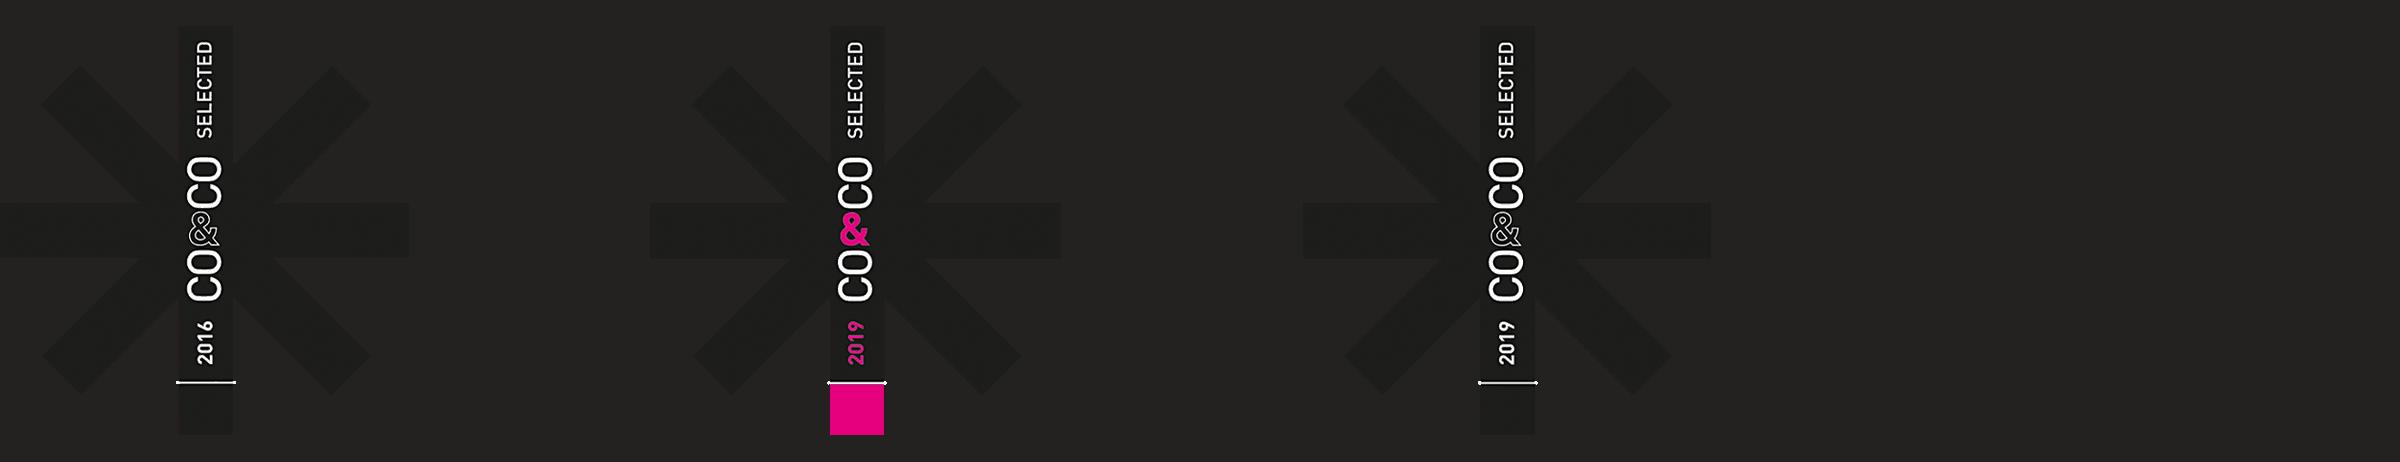 Leistungen der Designagentur und Werbeagentur mieker: Corporate Design Auszeichnungen: Co and Co Selected black 2019, Co and Co Selected magenta 2019, Co and Co Selected black 2016